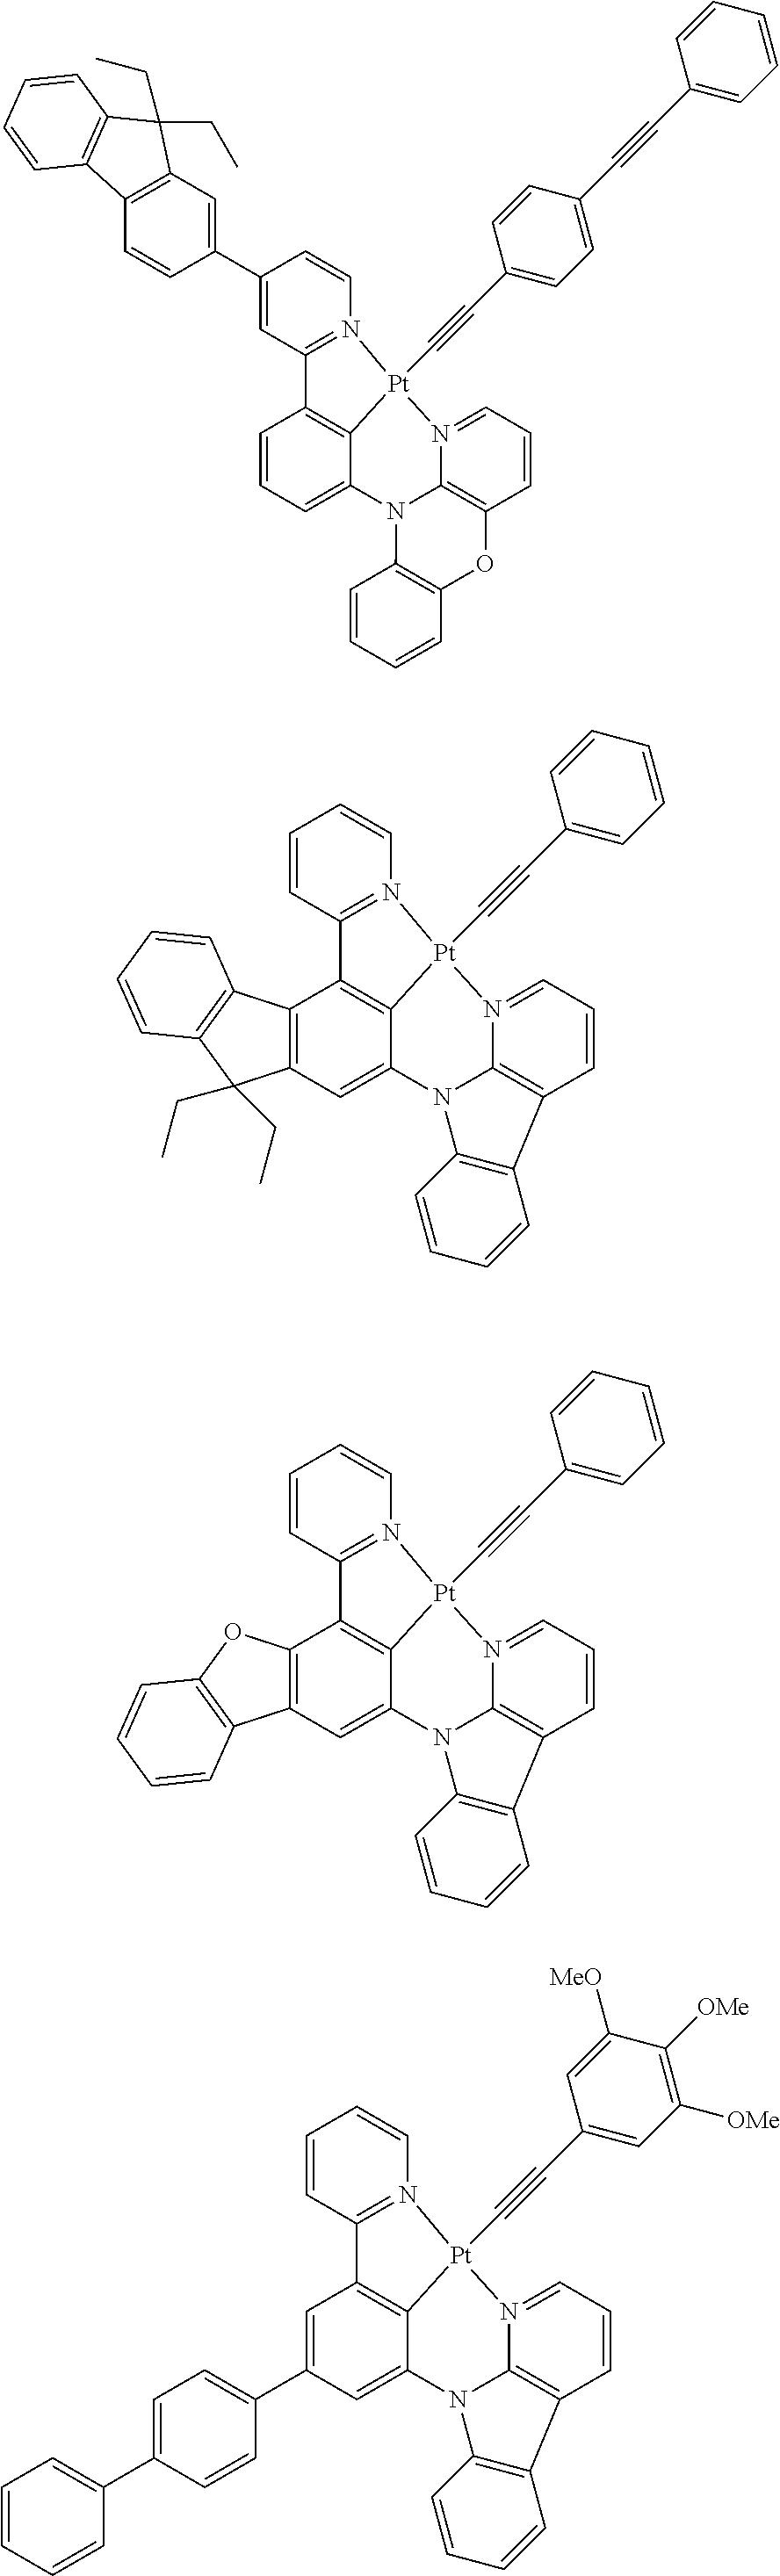 Figure US09818959-20171114-C00167